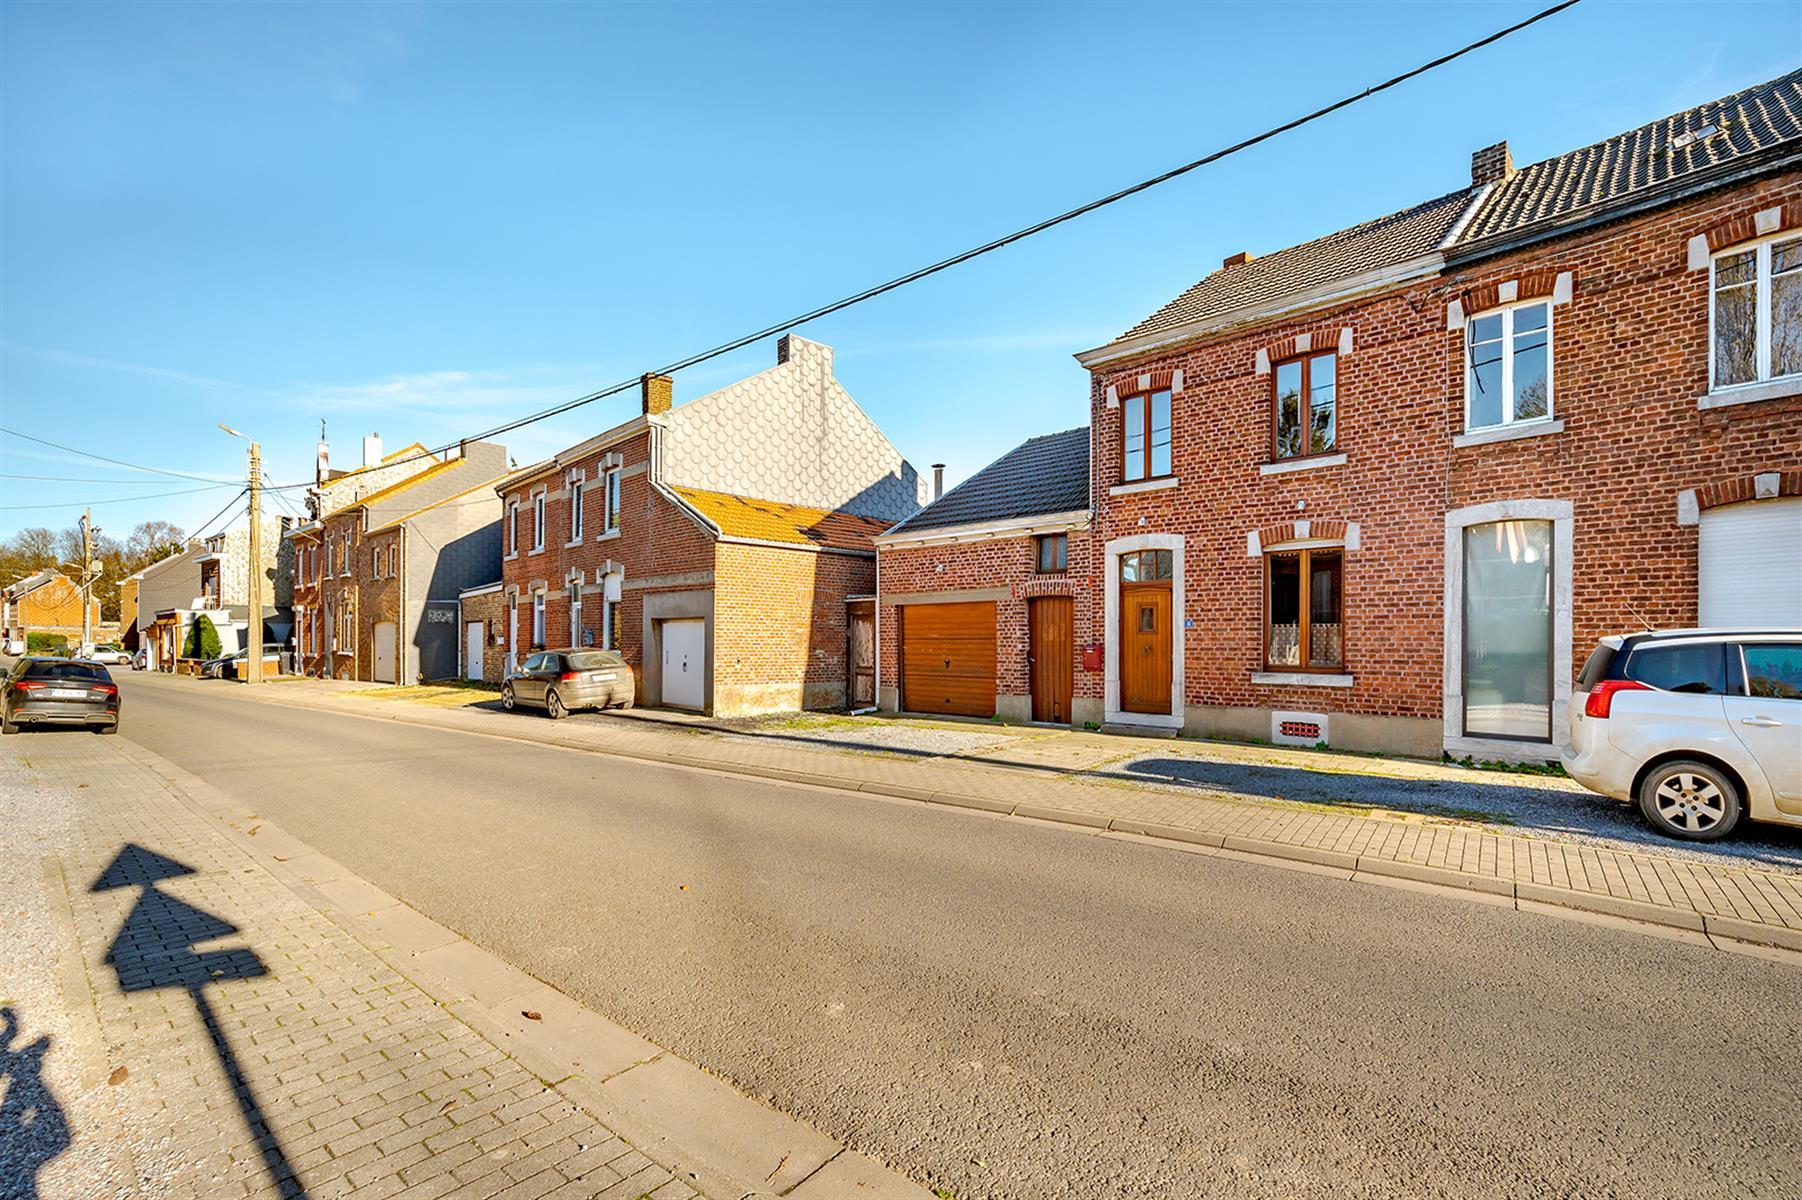 Maison - Fexhele-Haut-Clocher Voroux-Goreux - #4214944-1